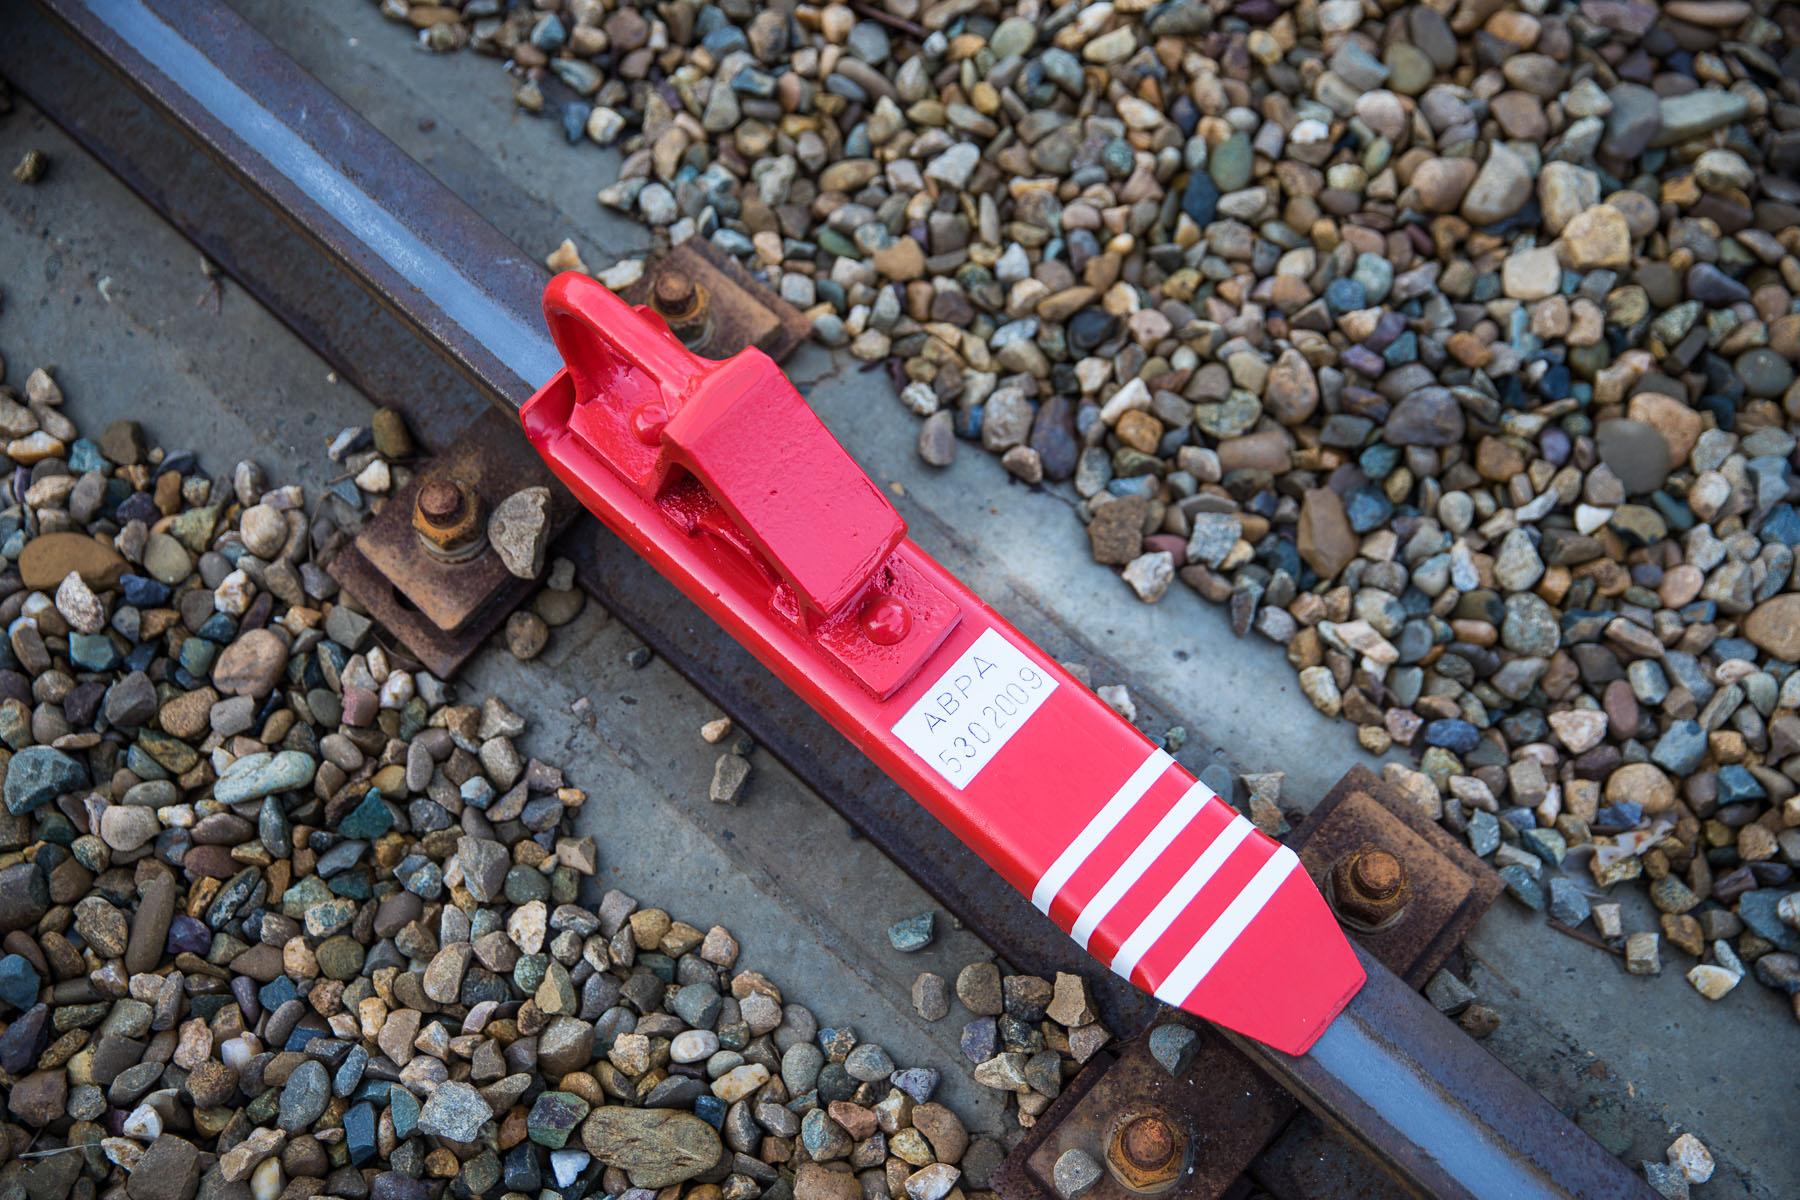 сколько полосок у железнодорожного башмака фото программе возможны